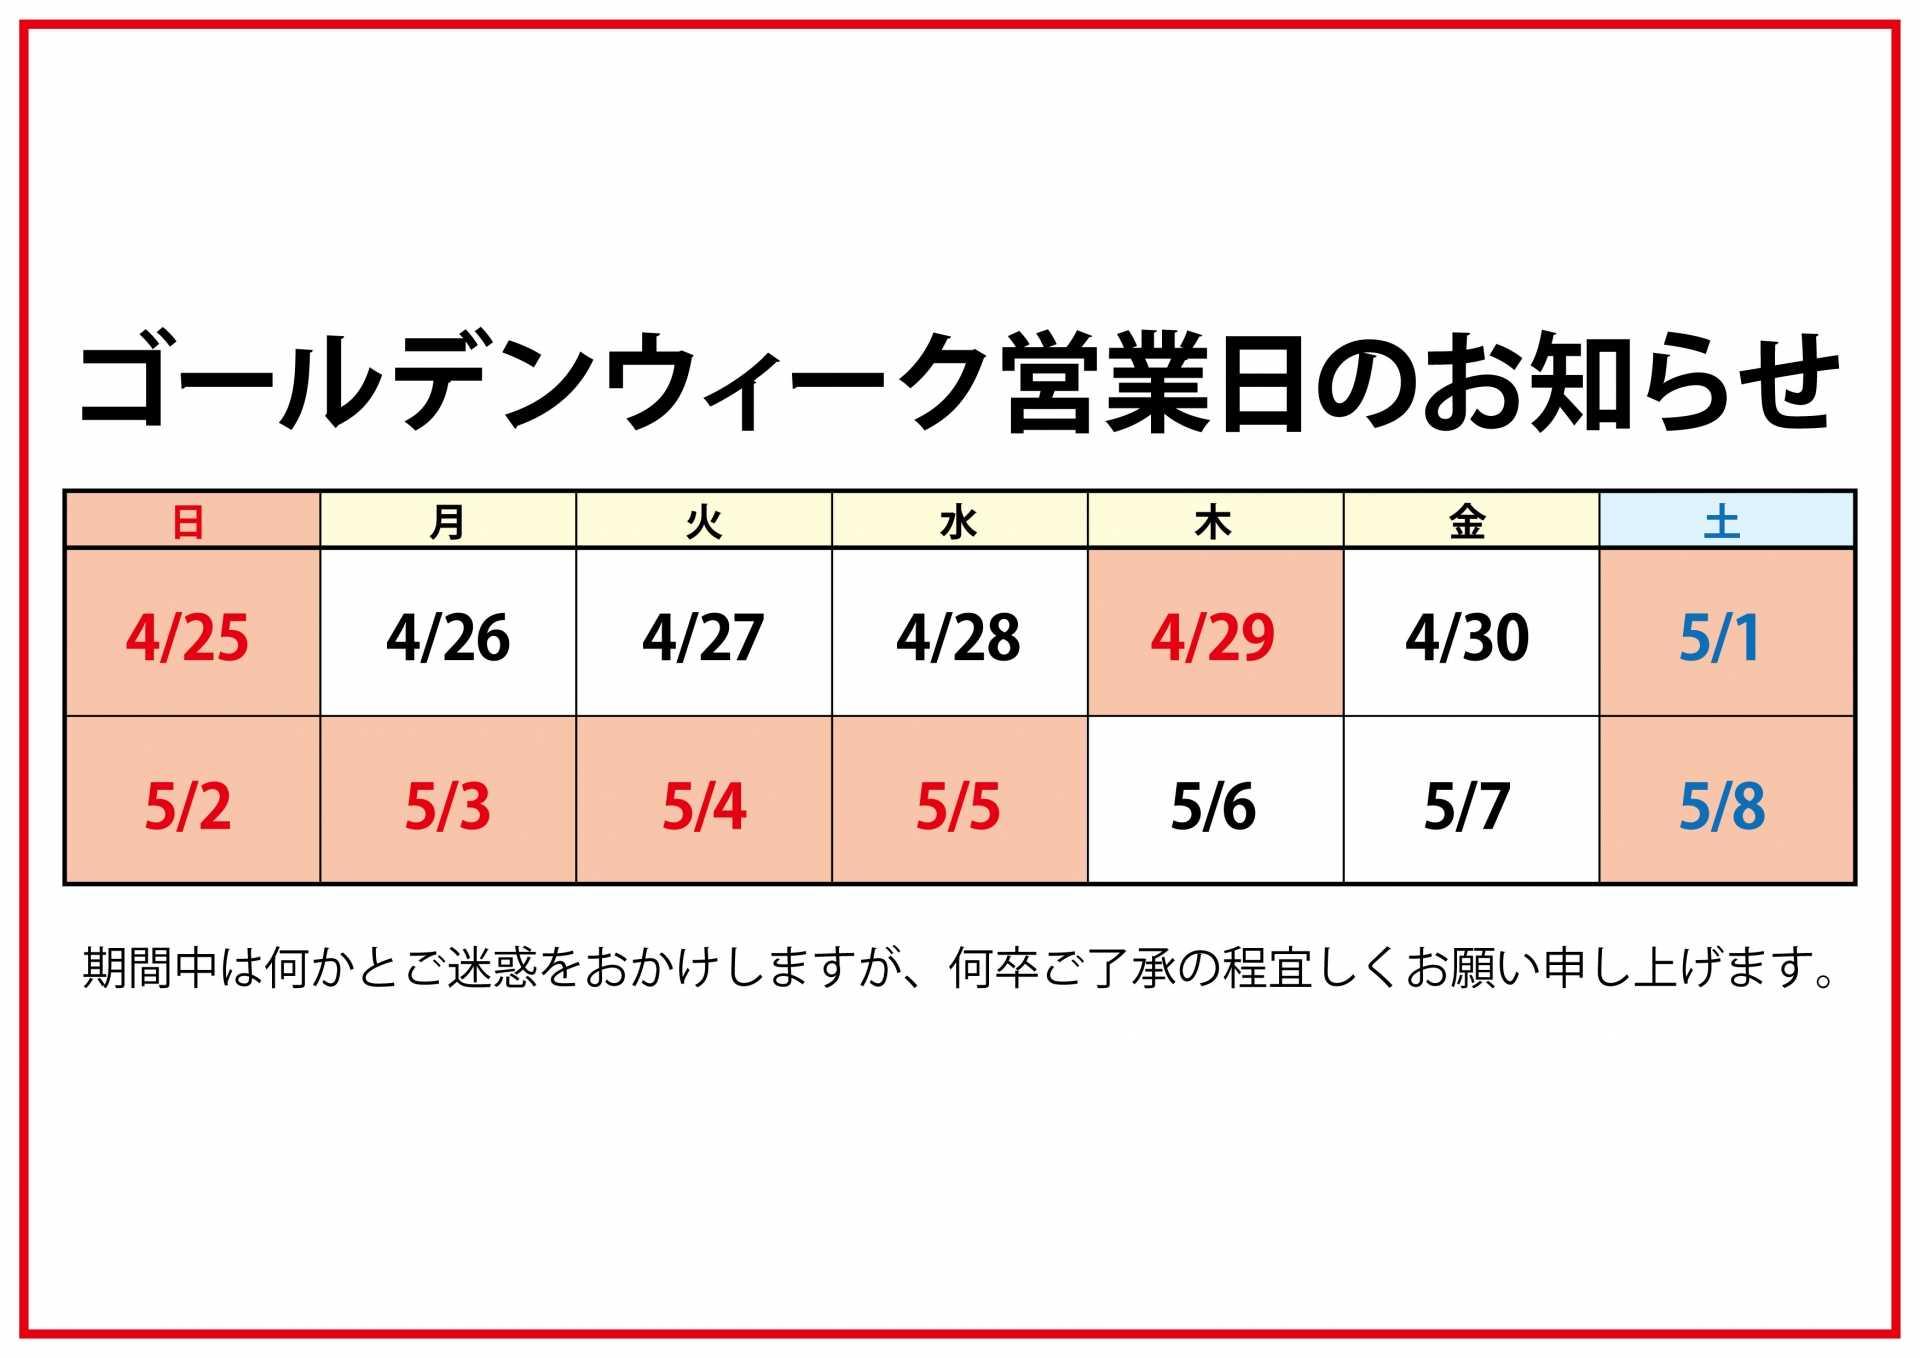 【Photorna】ゴールデンウィーク営業日のお知らせ